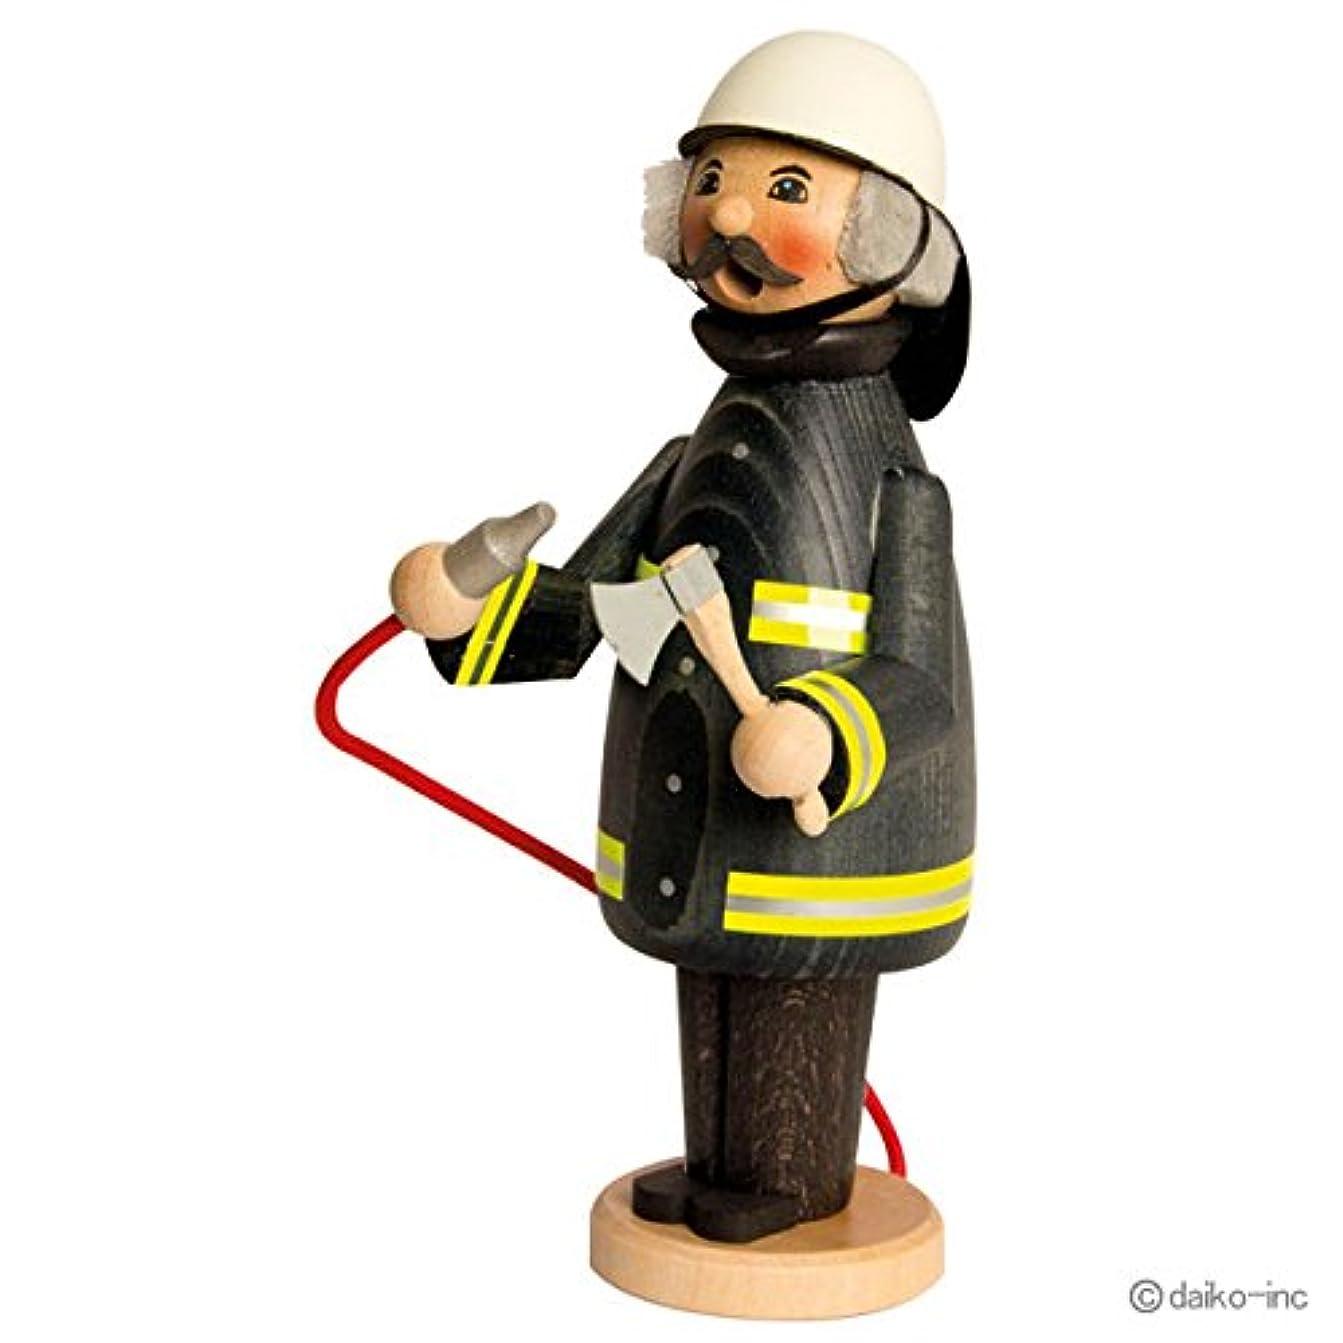 さておきデコレーション同化するkuhnert ミニパイプ人形香炉 消防士